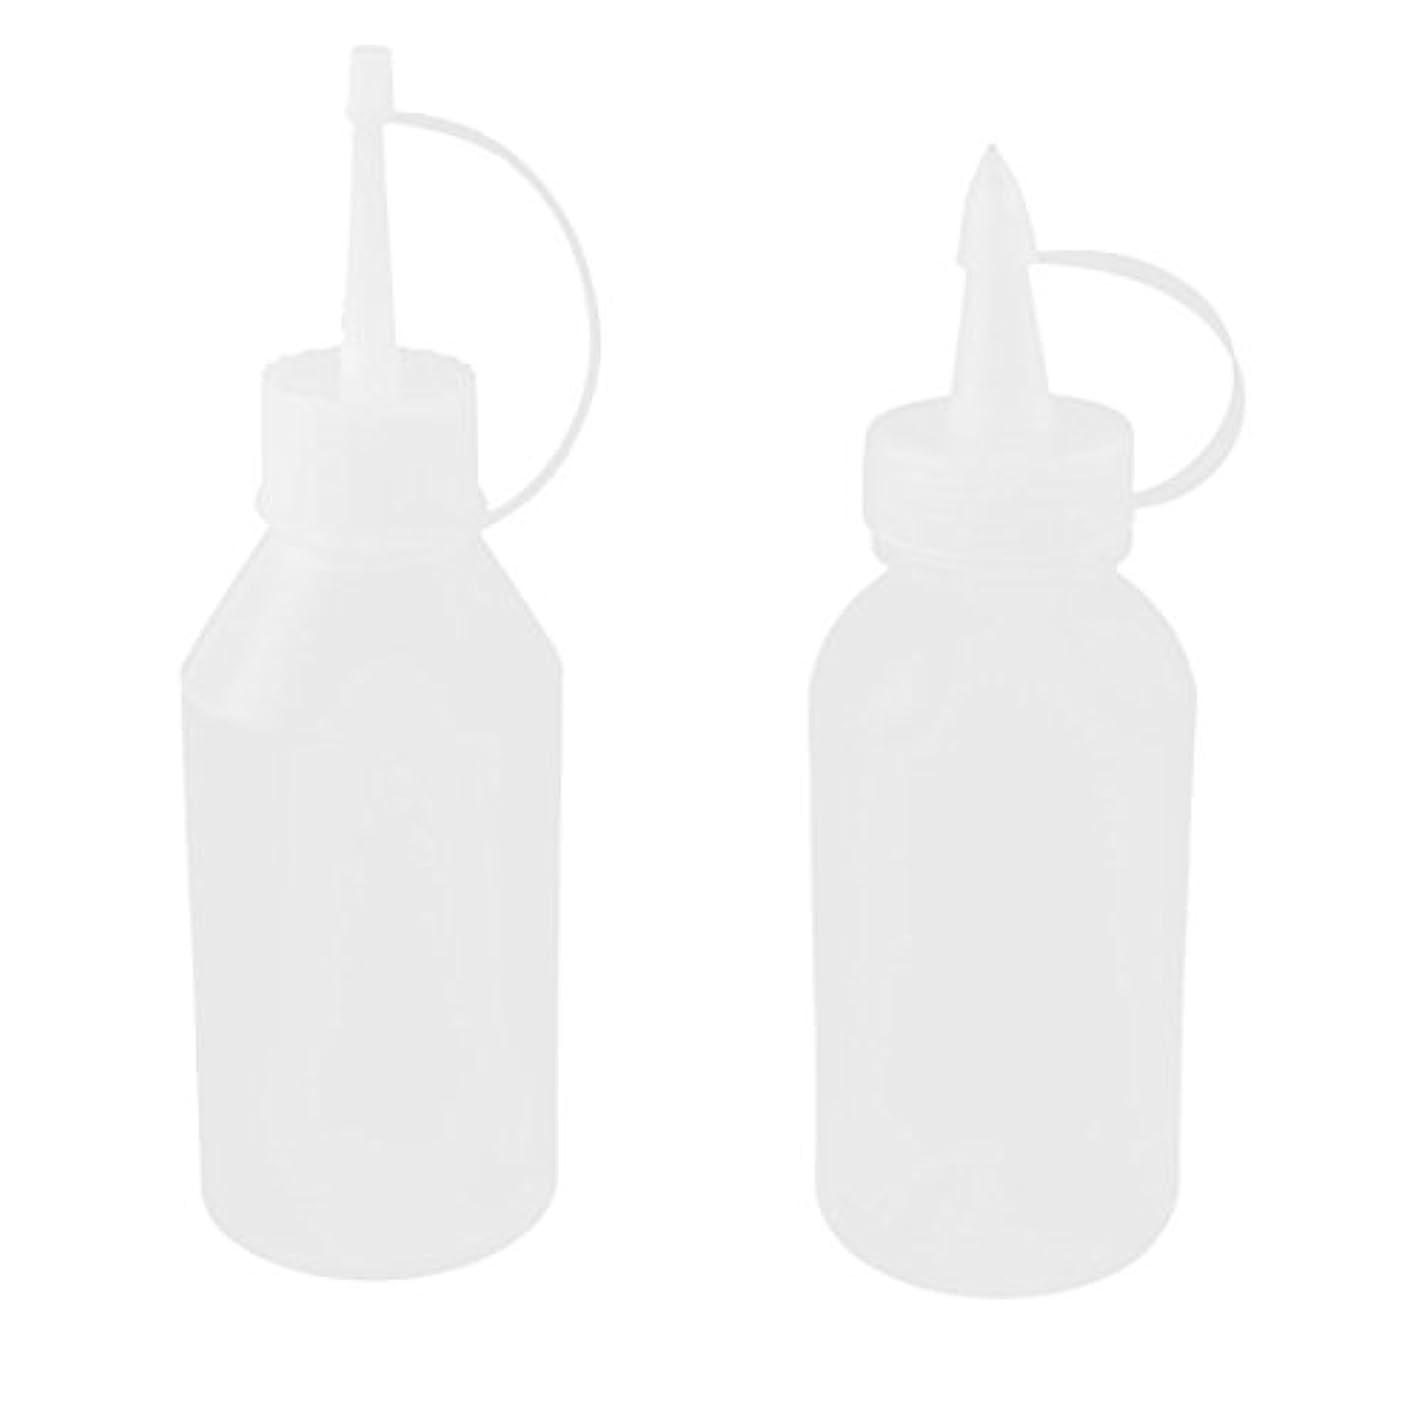 費やす爆発動かないuxcell オイルボトル 油差し プラスチック 100ml ホワイト クリア 2個